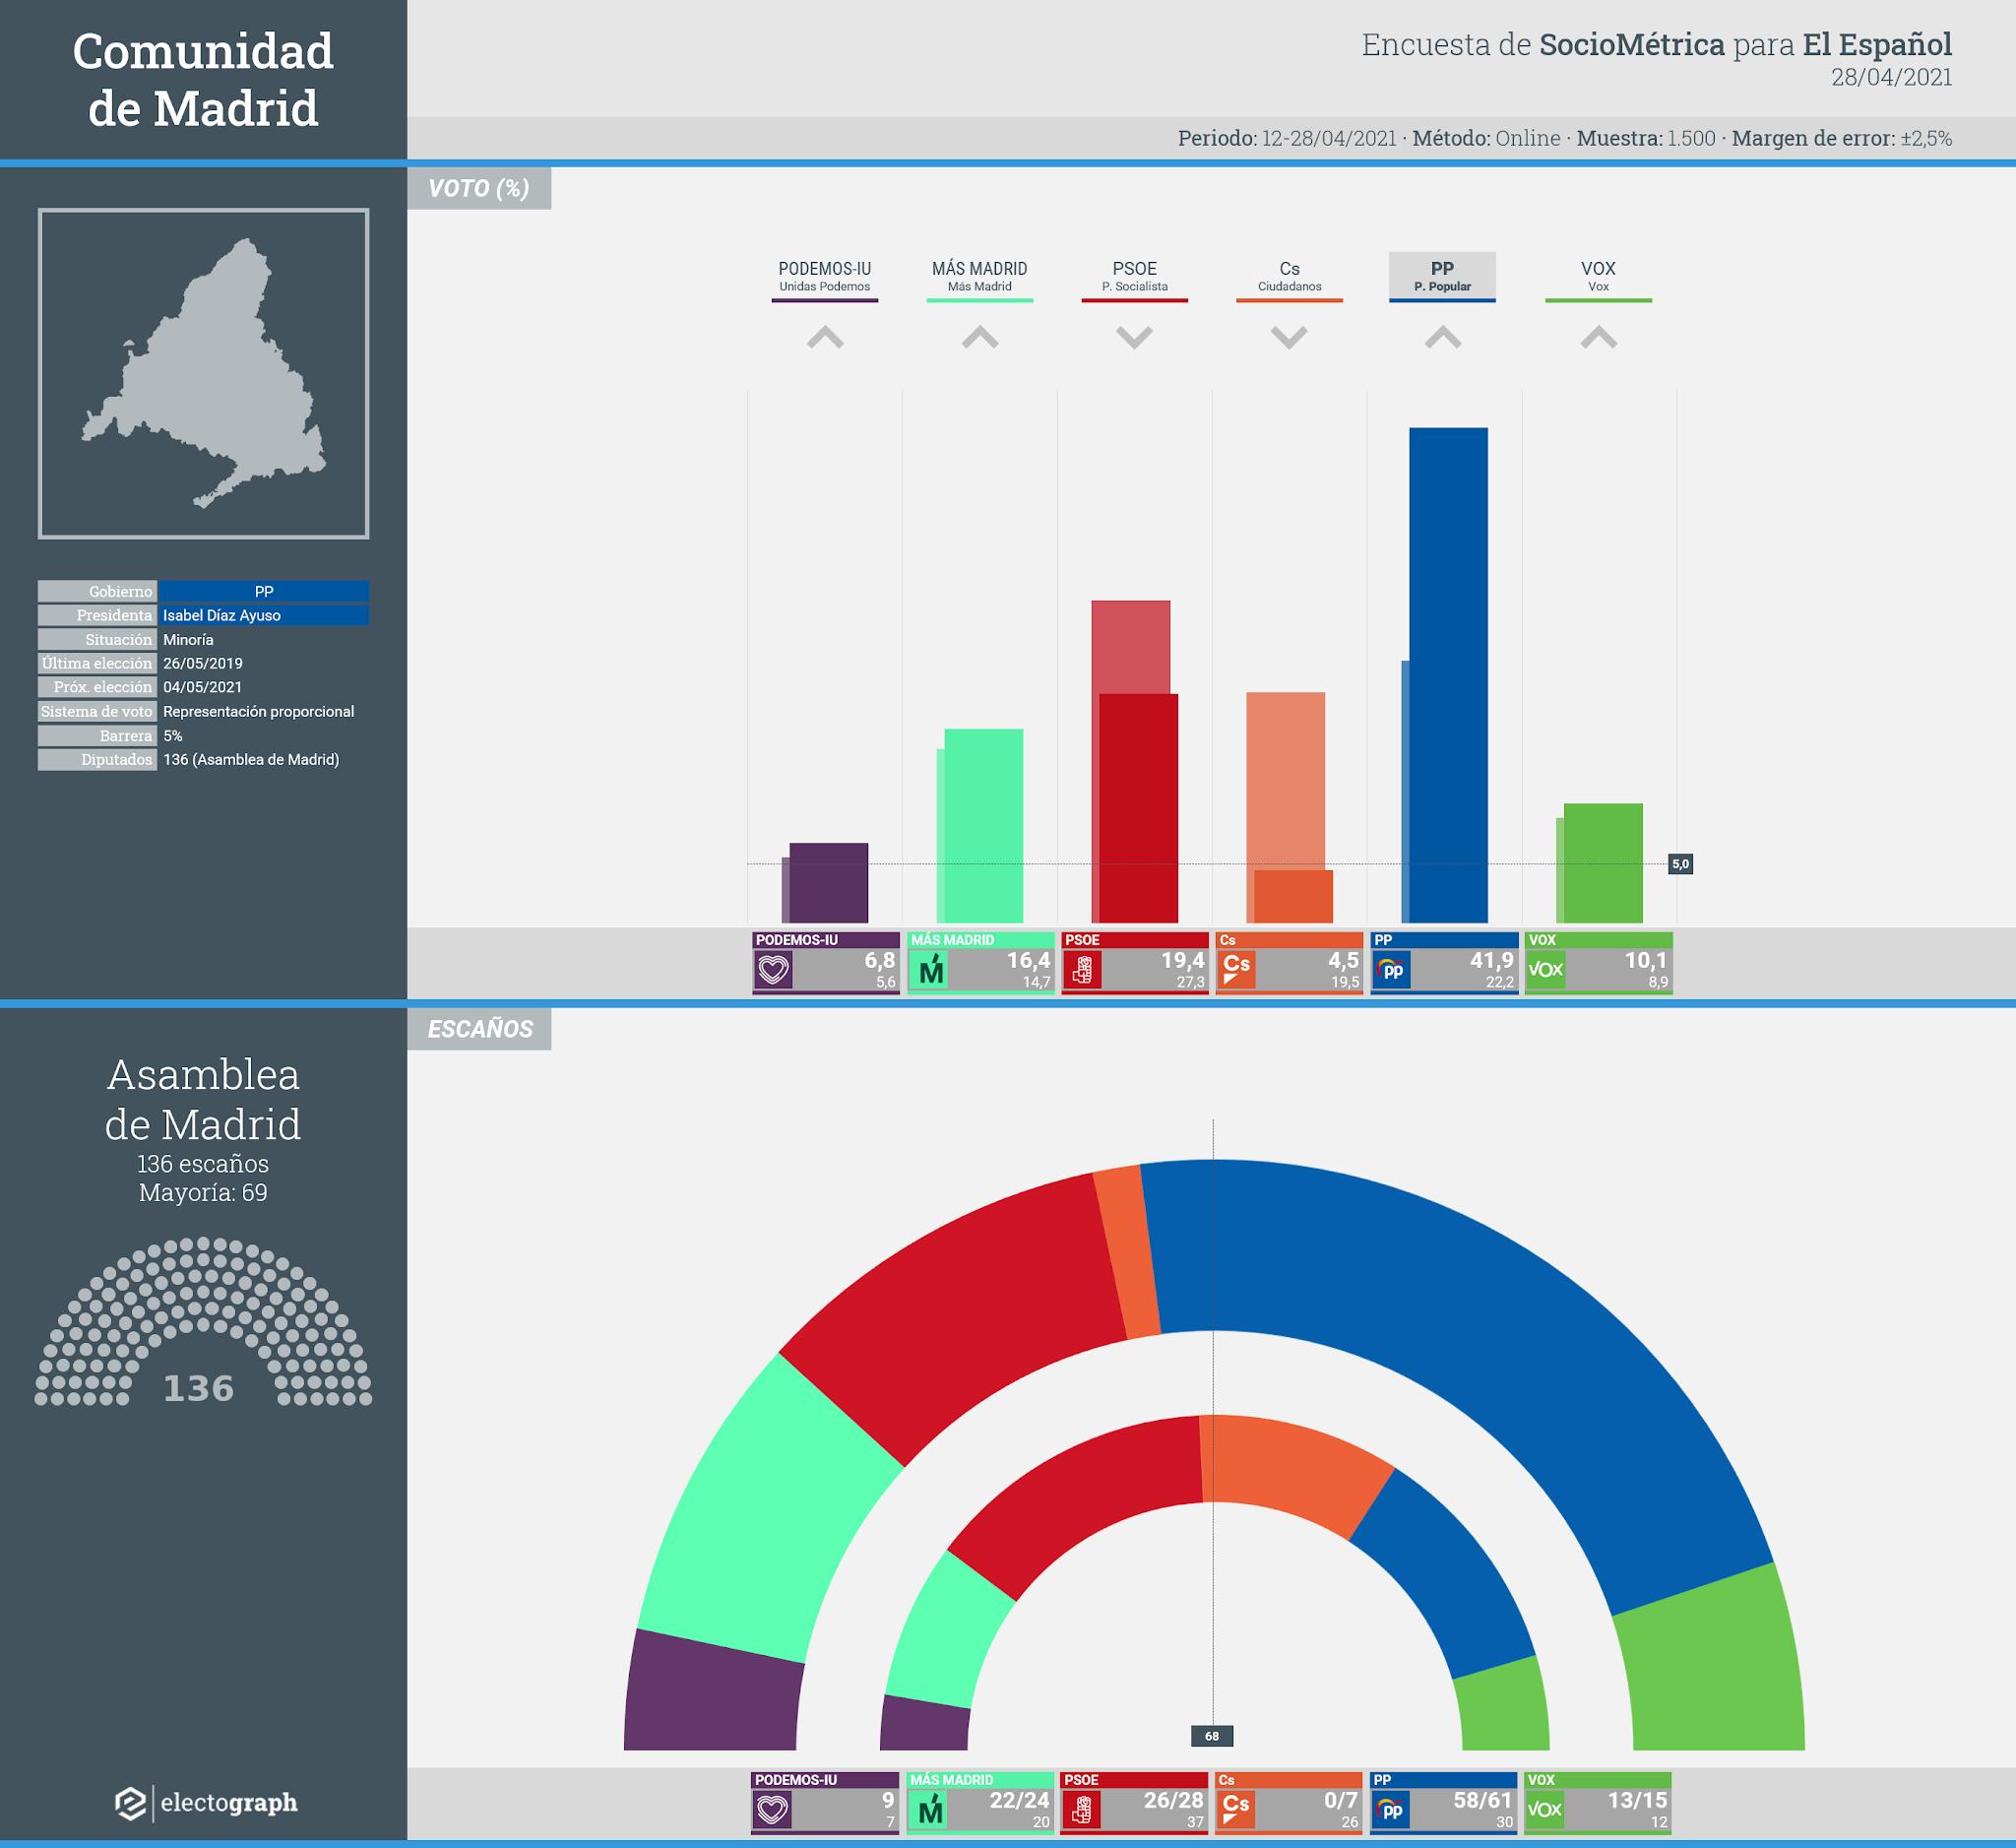 Gráfico de la encuesta para elecciones autonómicas en la Comunidad de Madrid realizada por SocioMétrica para El Español, 28 de abril de 2021